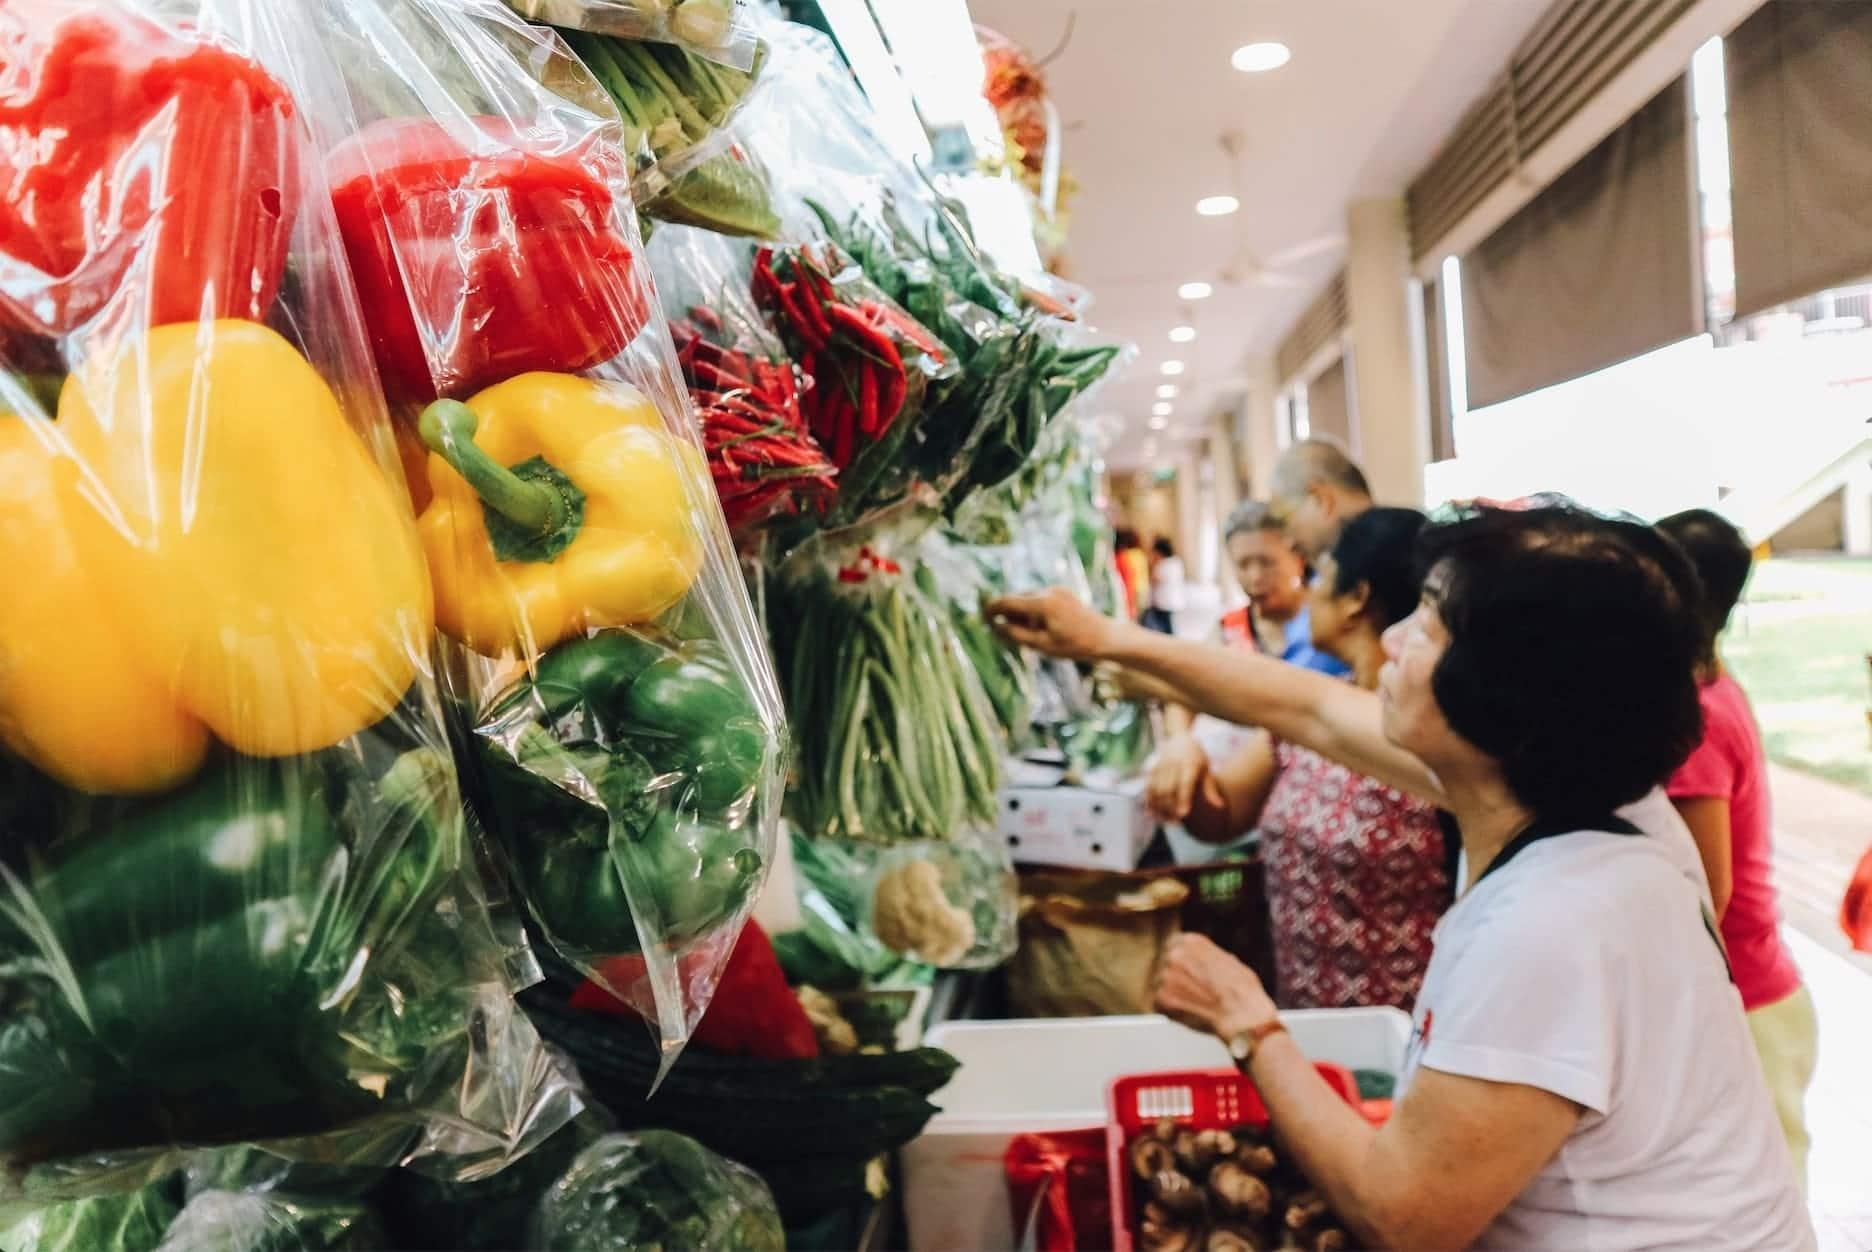 bên trong chợ tiong bahru